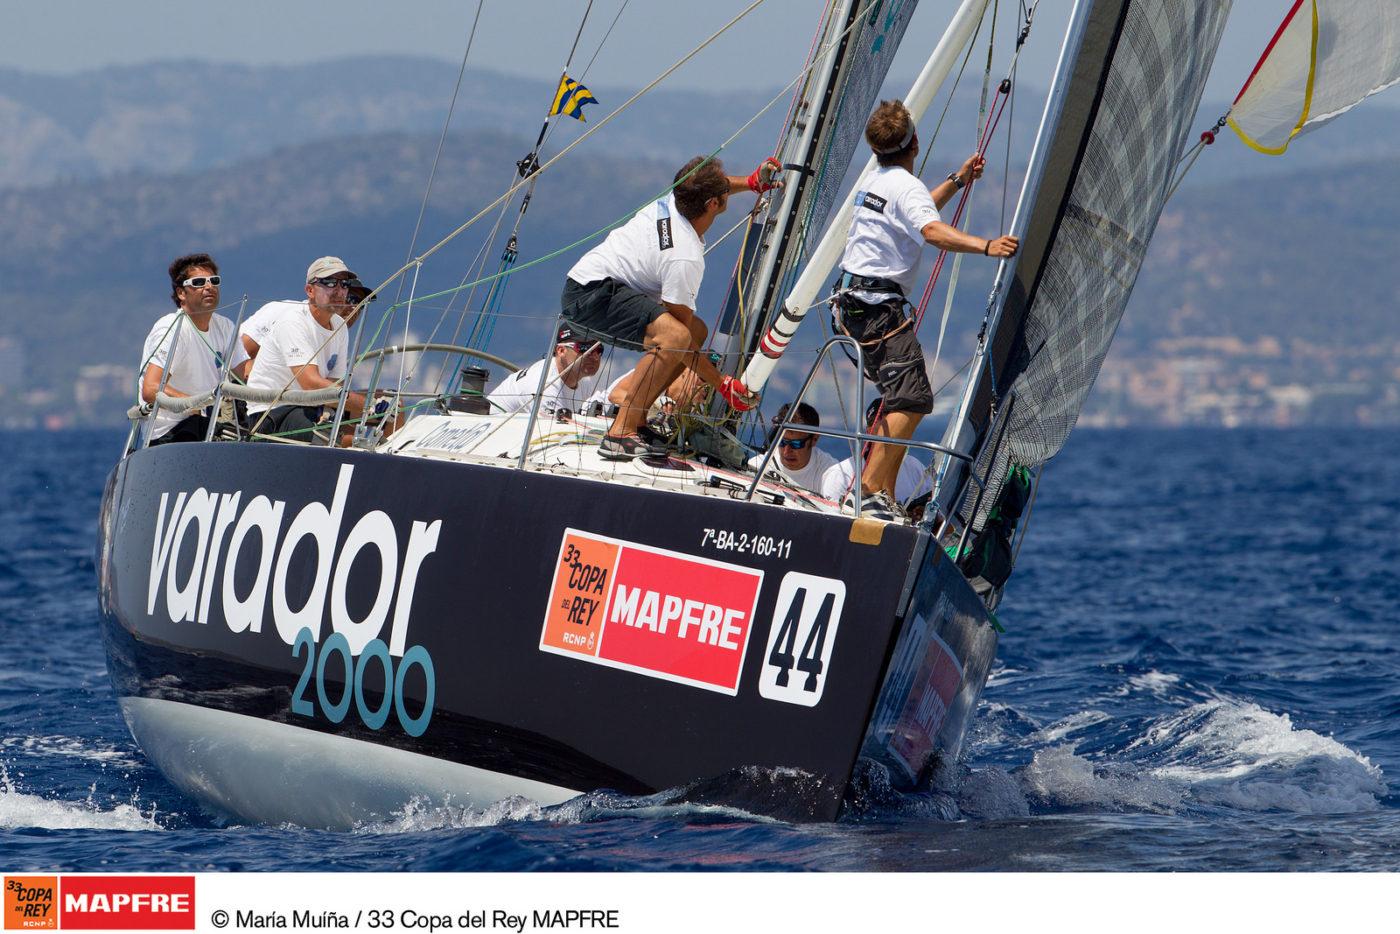 El Varador 2000 sigue firme en la segunda posición de la clasificación